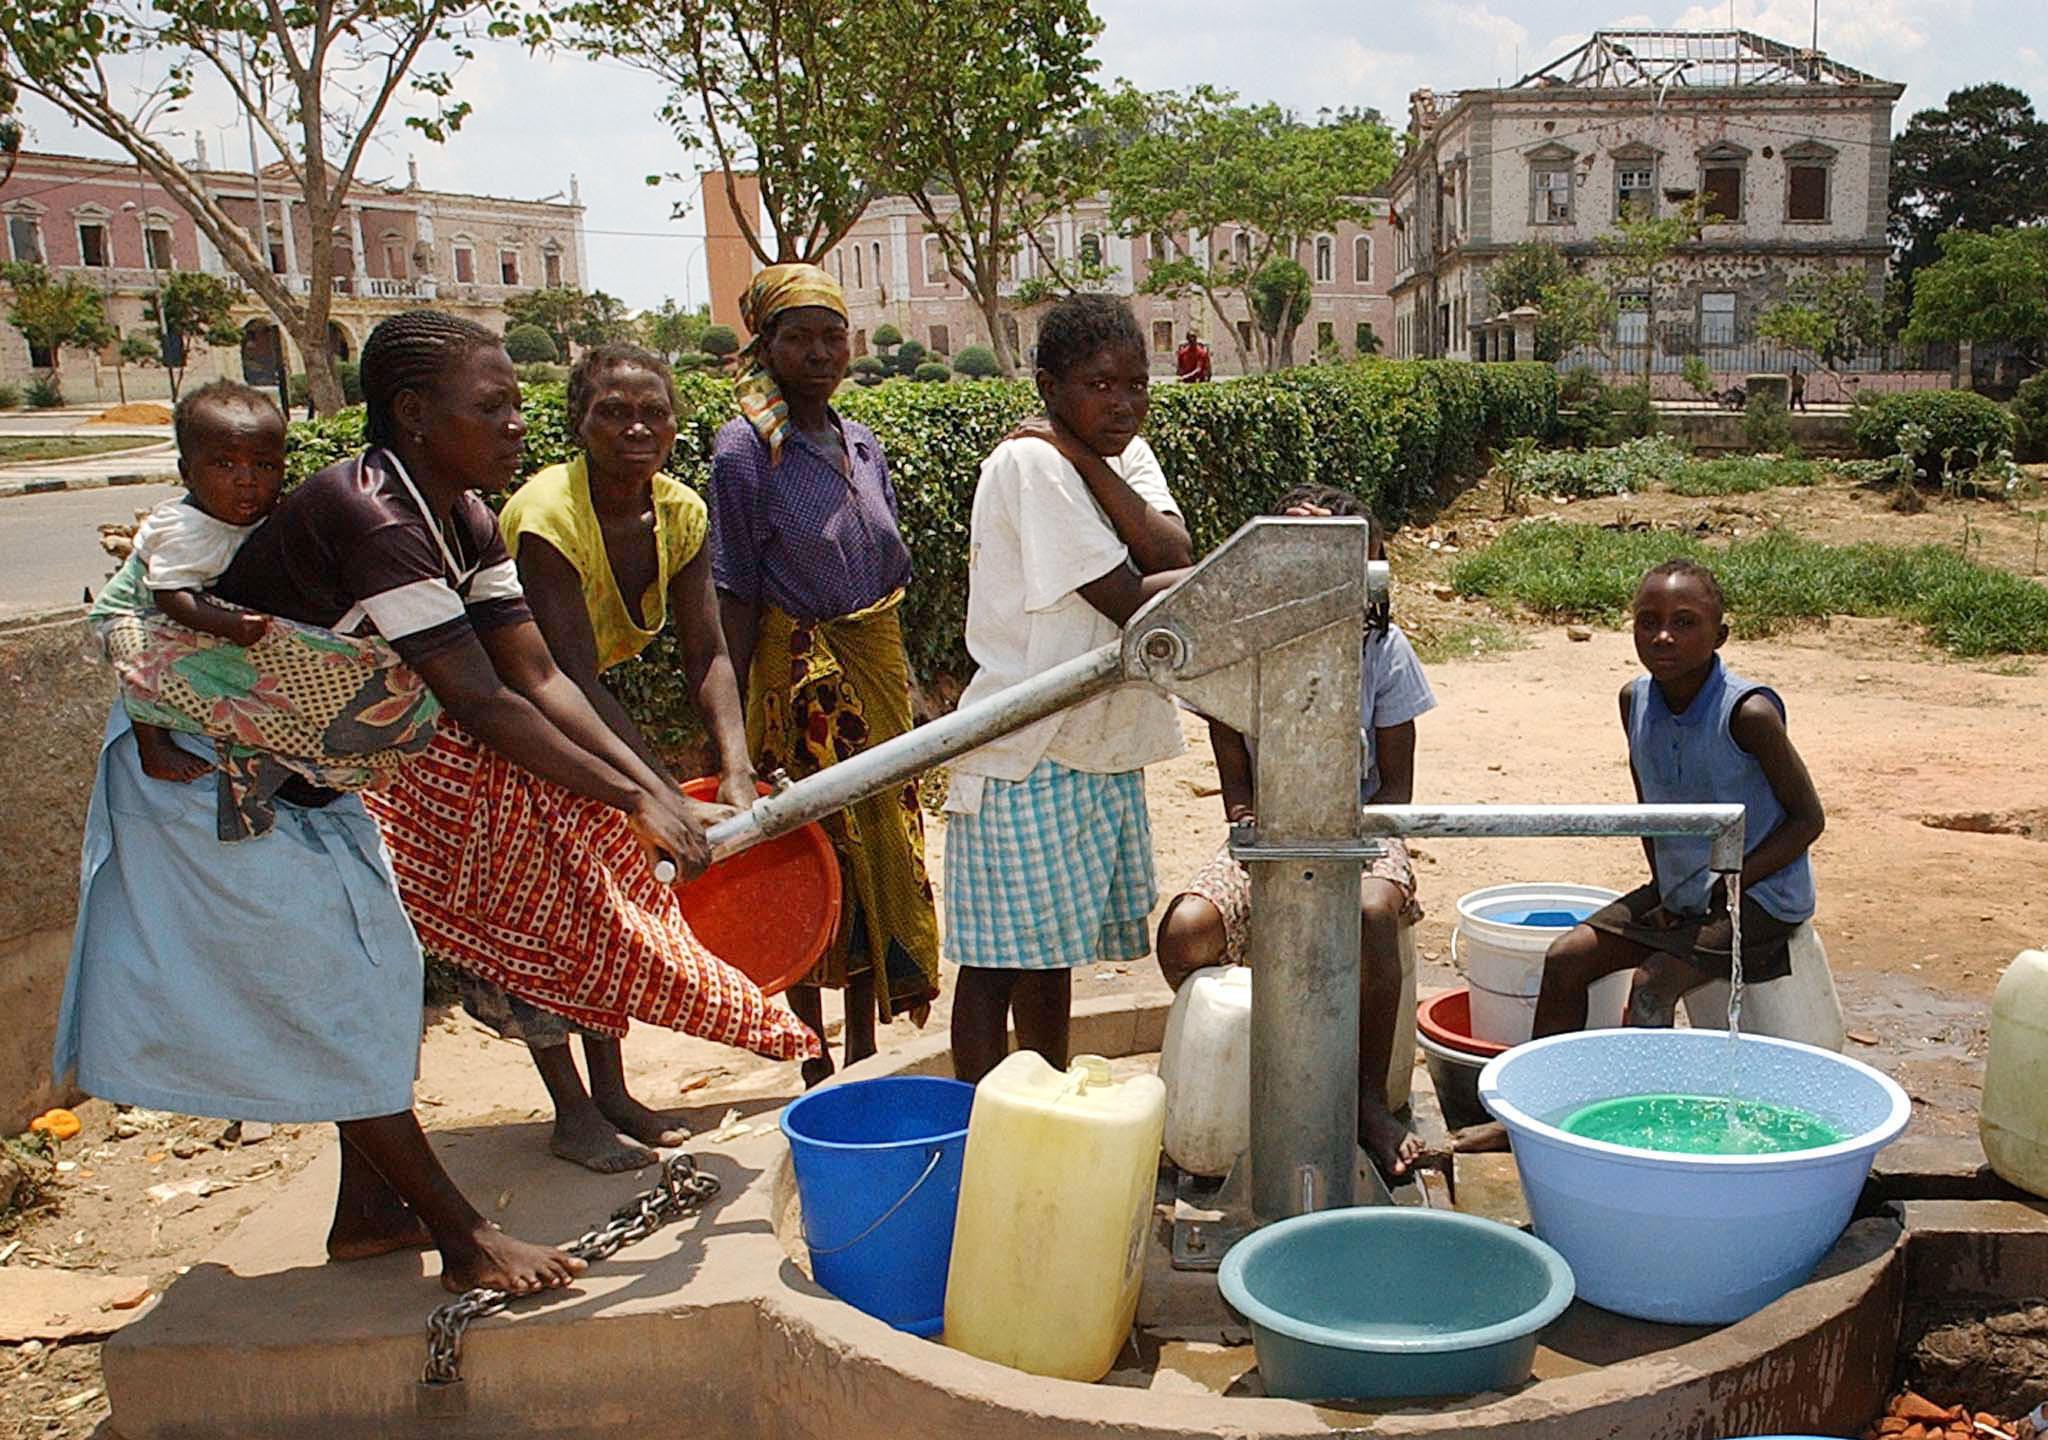 Escassez da água pode afetar 3,5 mil milhões de pessoas em 2025